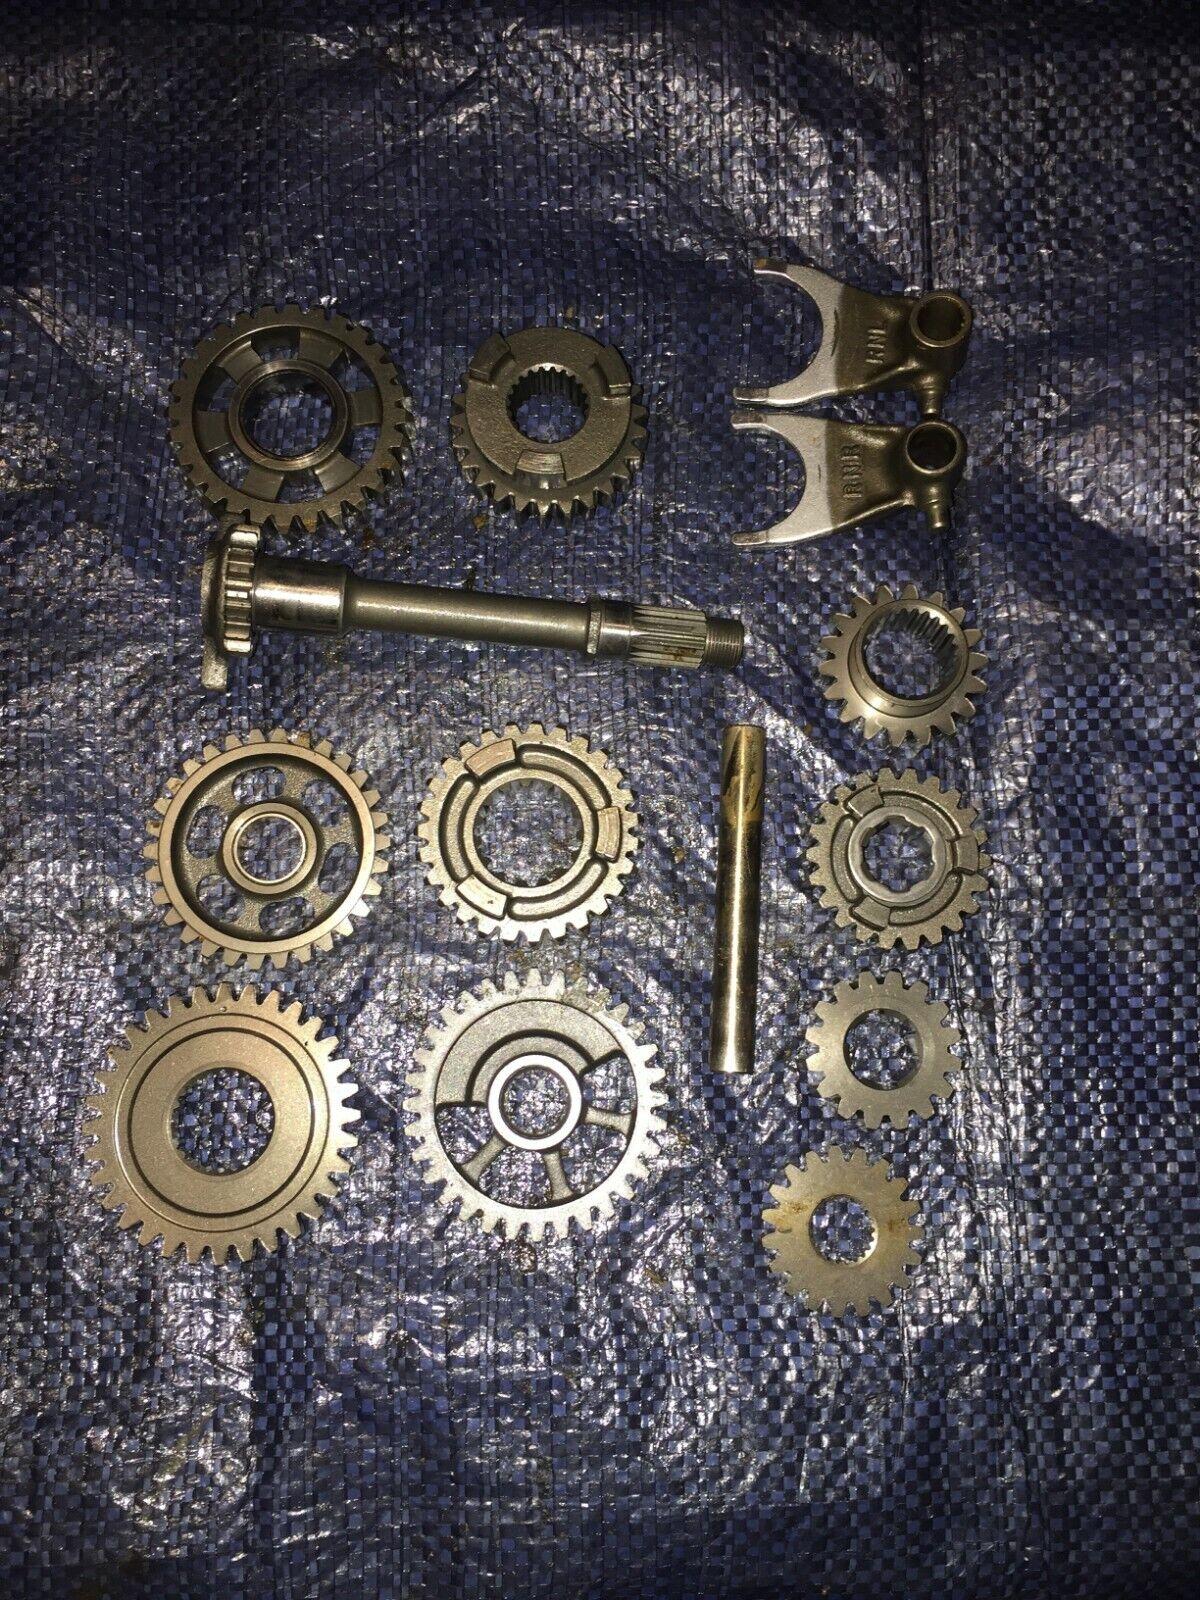 2006 06 Honda Crf250r Crf 250r Crf 250 Transmission Tranny Gears Shift Forks